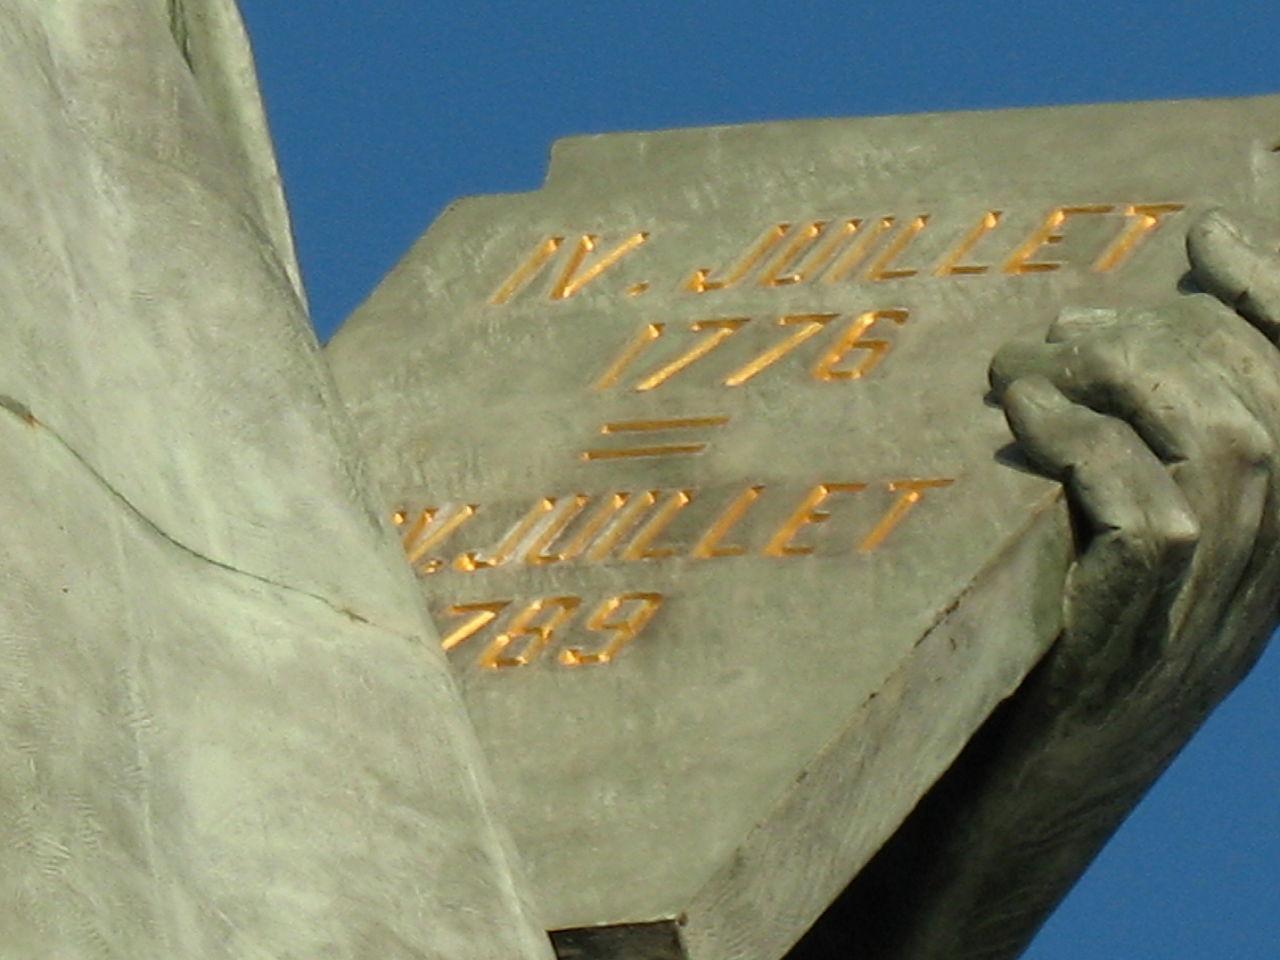 Напис « IV Juillet 1776 = XIV Juillet 1789 » на таблиці Статуї Свободи в Парижі